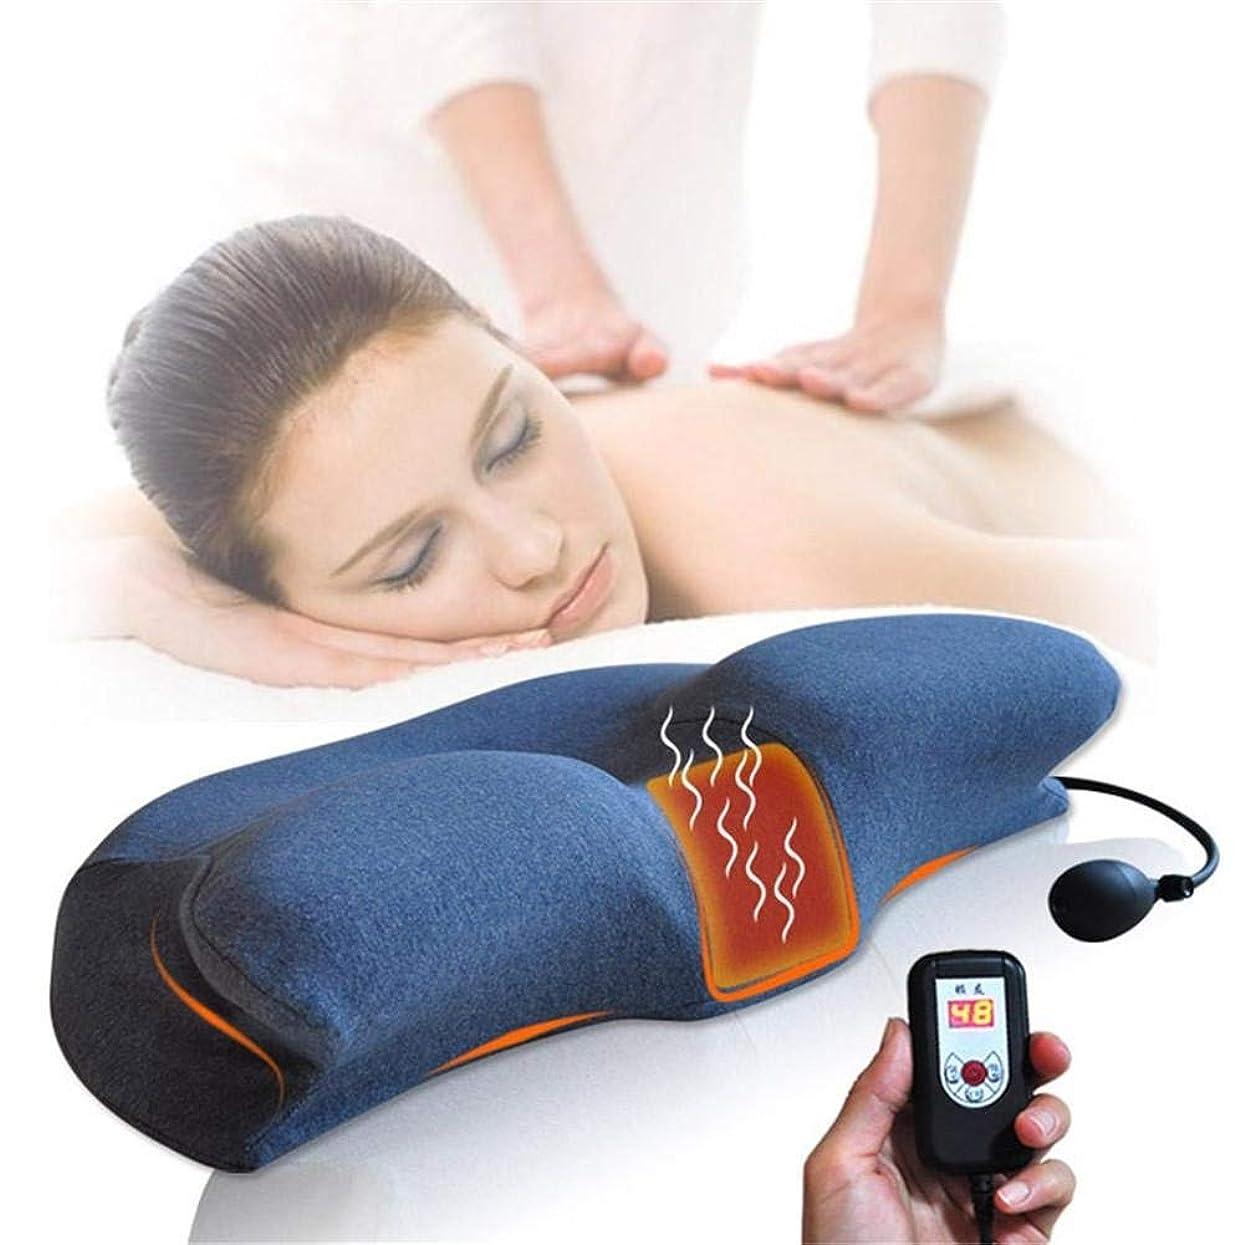 刺激するテンポボタン記憶 枕 インフレータブル頸椎牽引装置 標準的なヘルスケアの整形外科の枕マッサージの睡眠の首の肩の枕